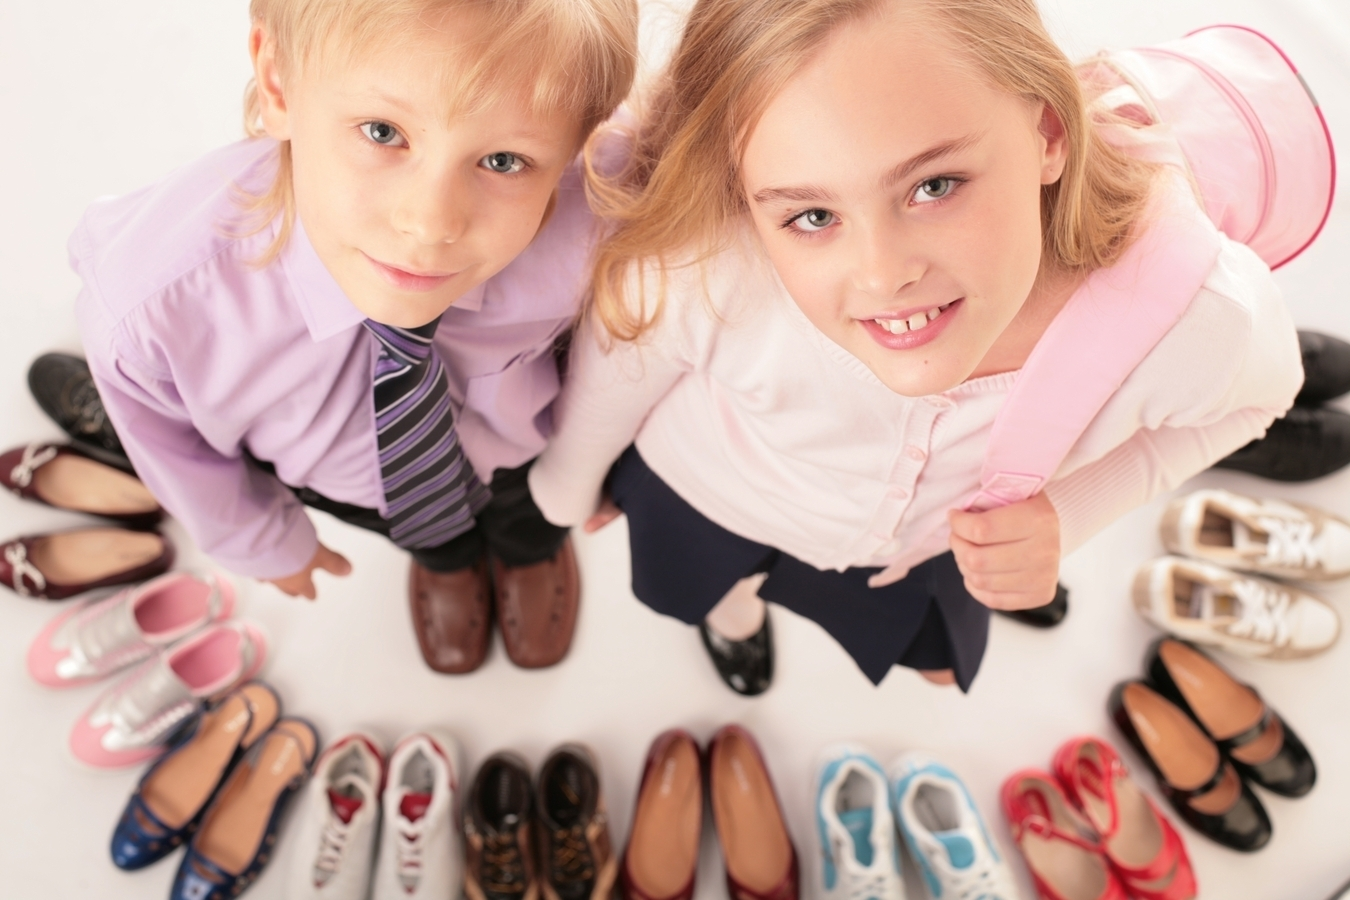 Сбор заказов. Все сюда! Качественная и удобная обувь для детей любого возраста ТМ Indigo.Сбор 3 Опции